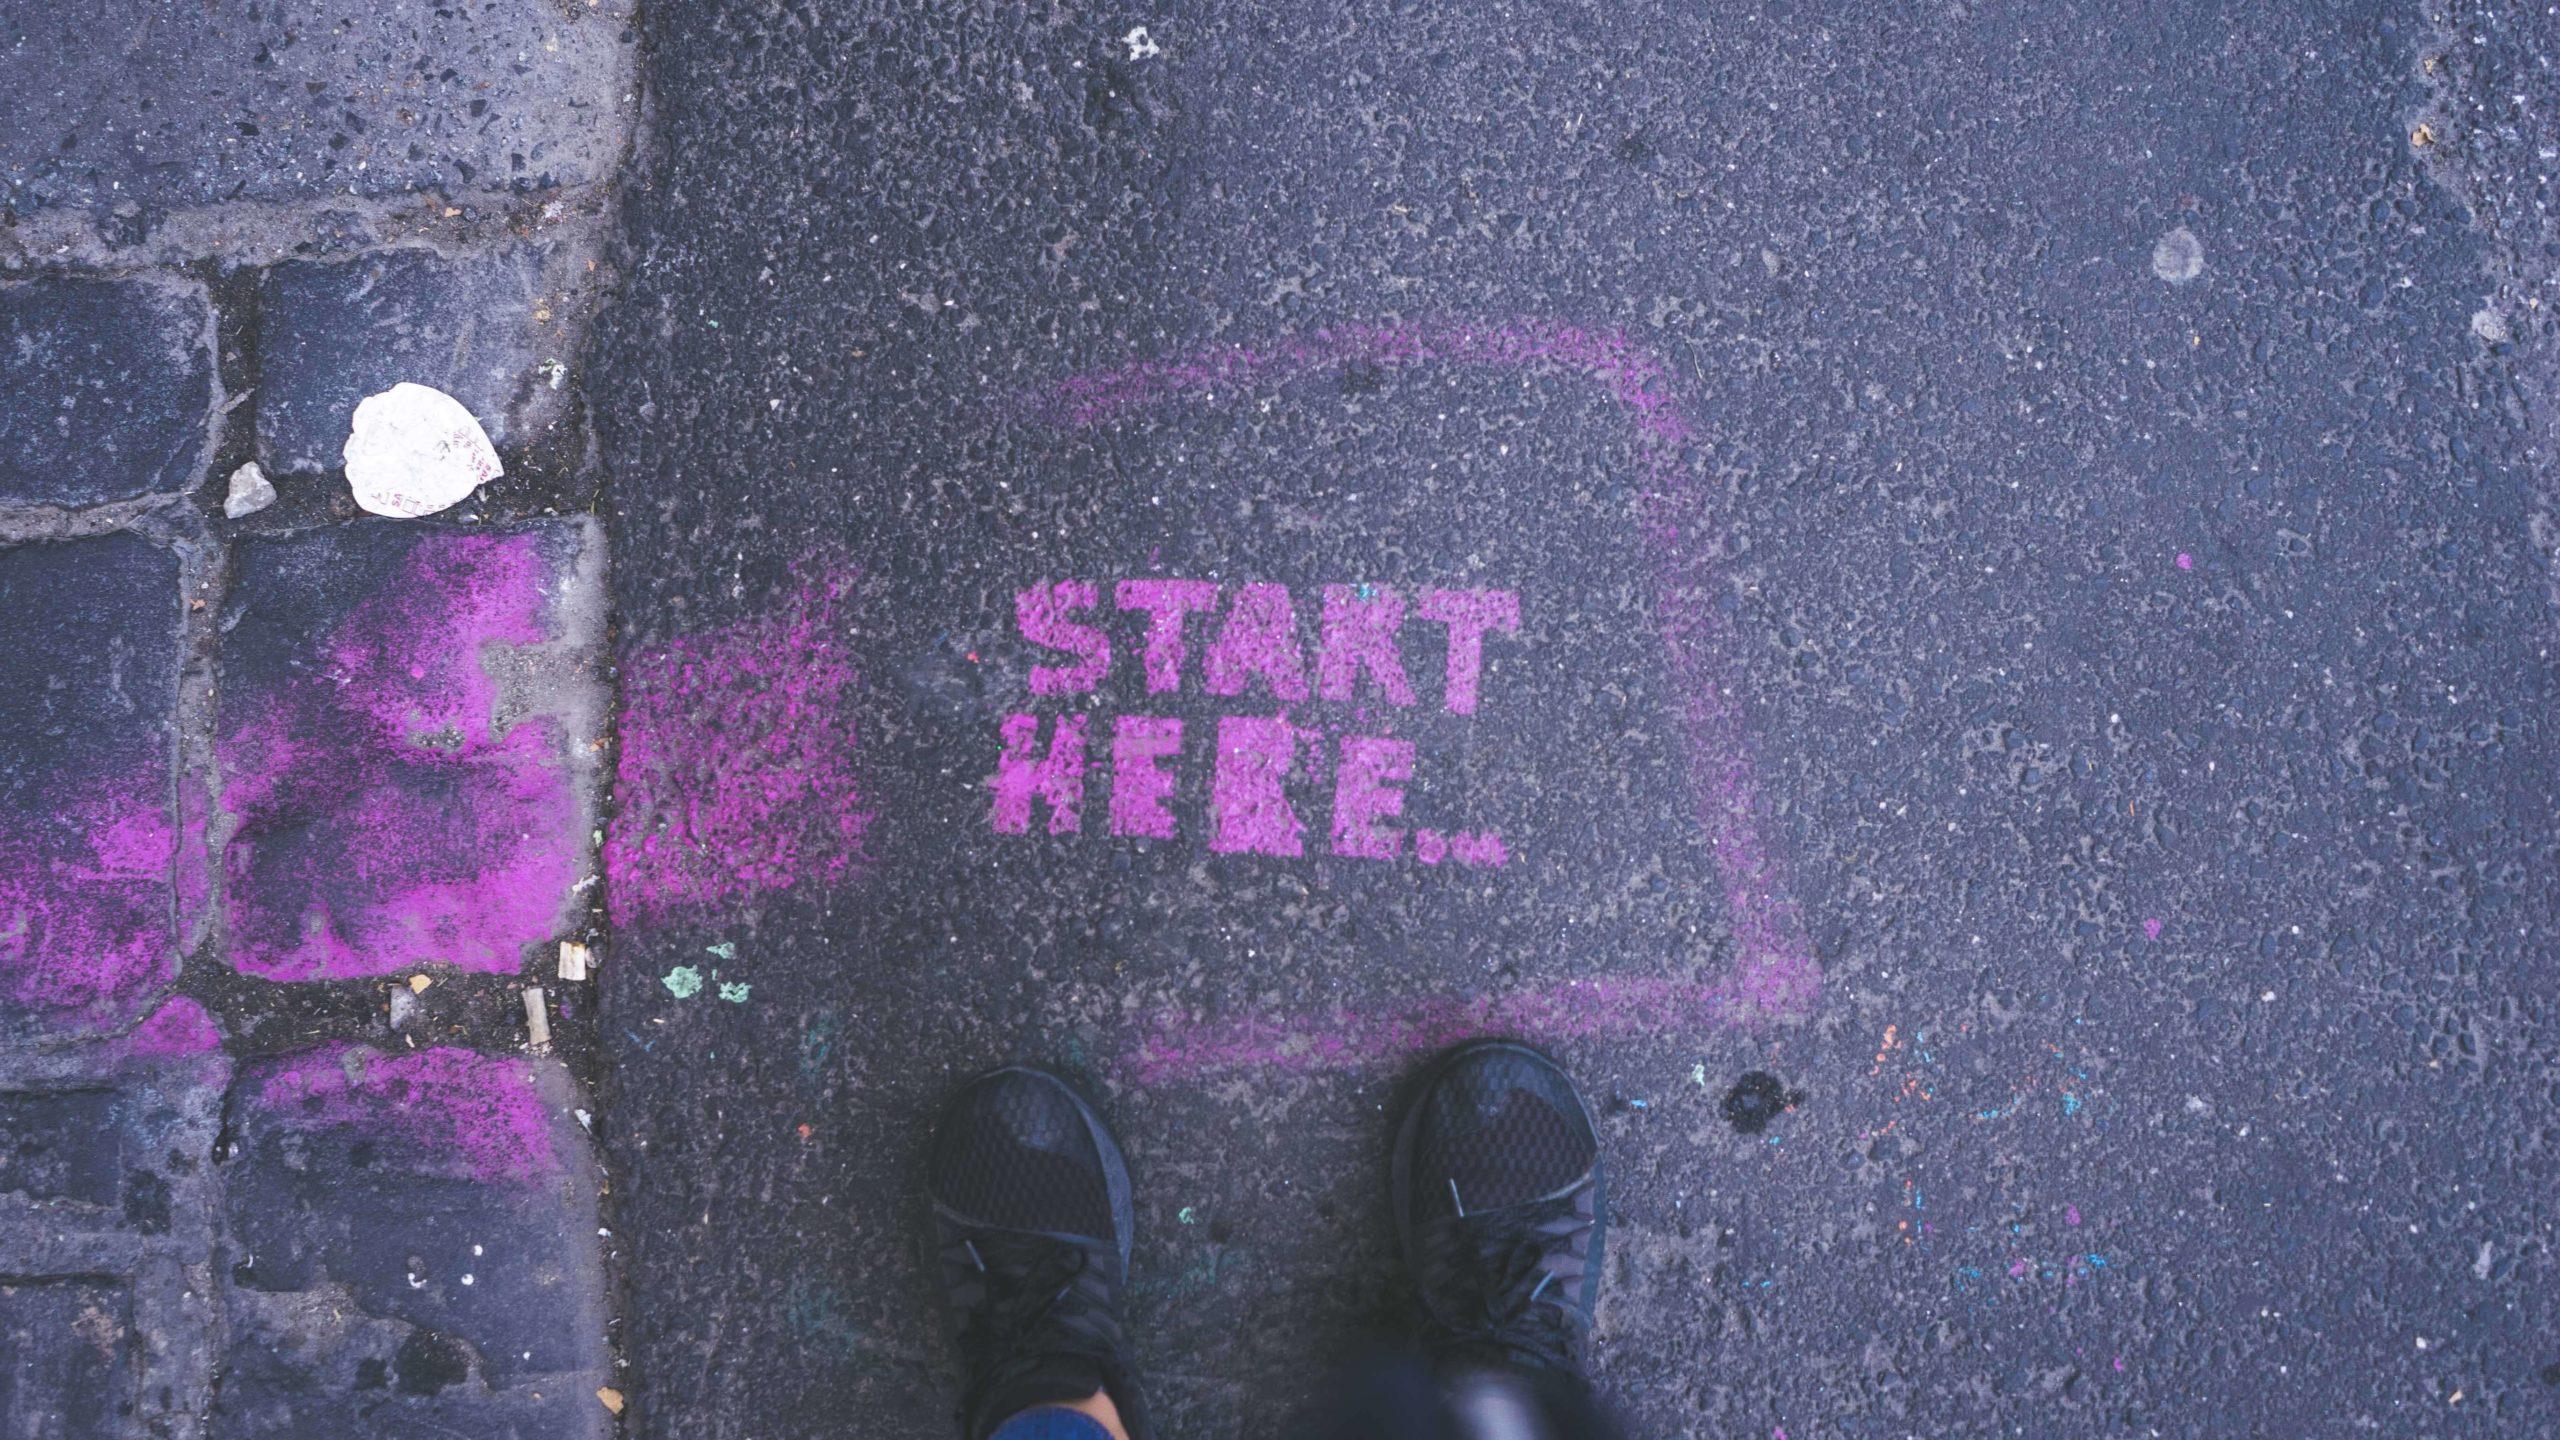 まずは自分のレベルに合わせて始めよう!